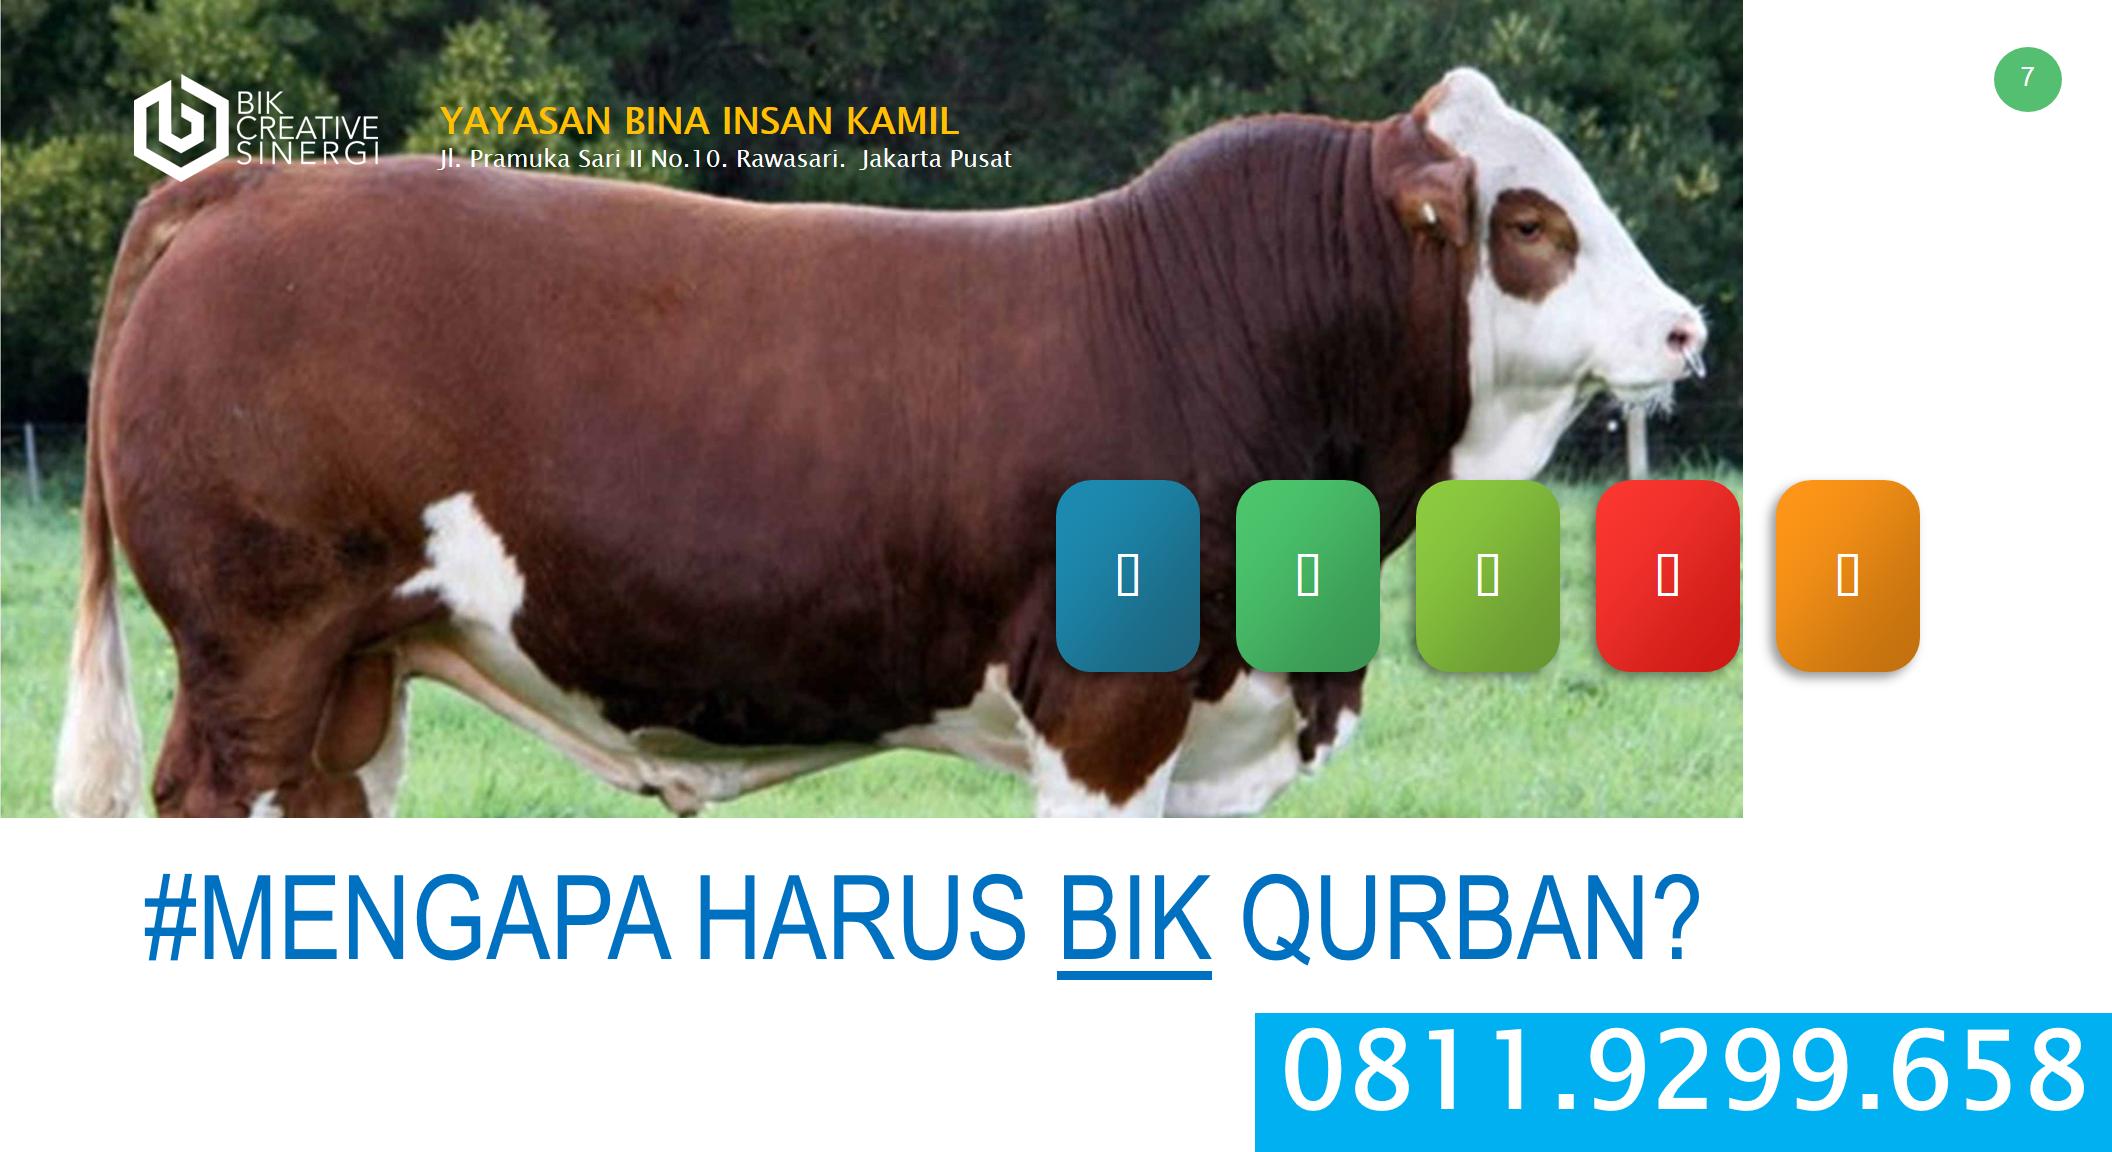 Jual Hewan Qurban Bekasi Jual Sapi Qurban Bekasi 08119299658 Terjual Jual Hewan Qurban Murah